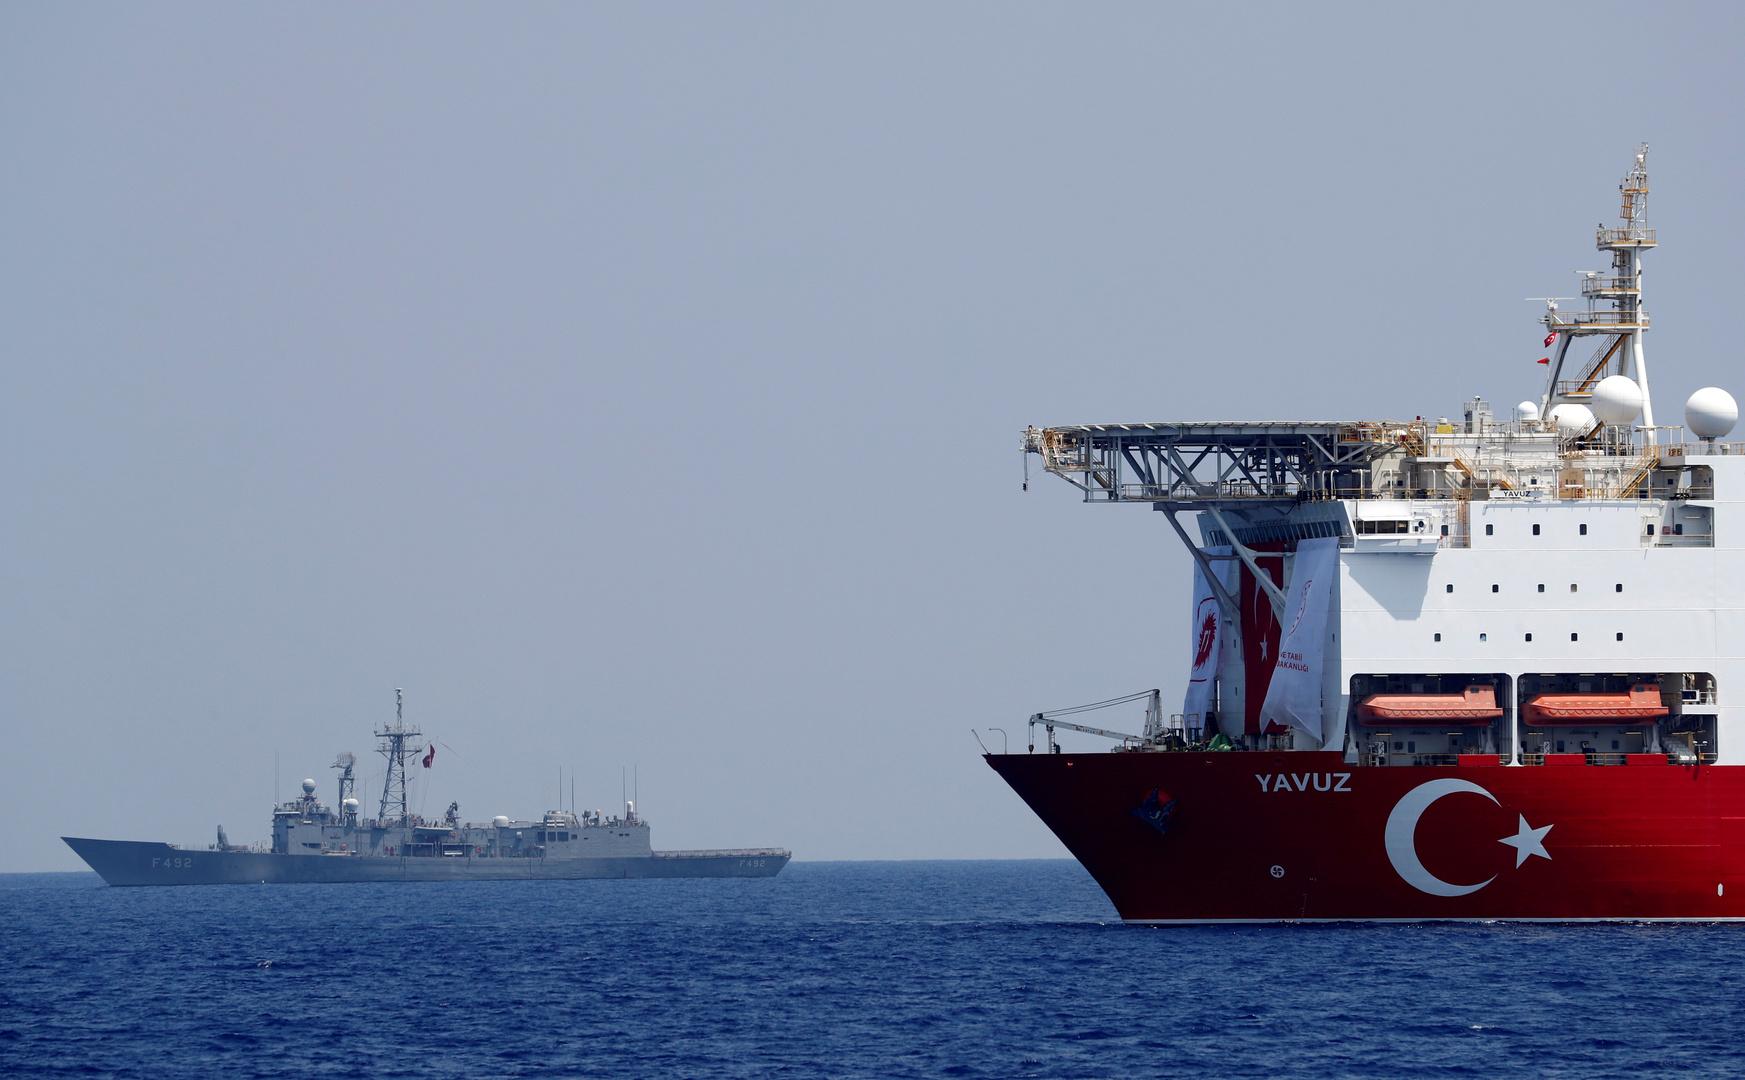 تركيا تؤكد عزمها إيقاف عمليات الدول الأخرى للتنقيب في شرق المتوسط